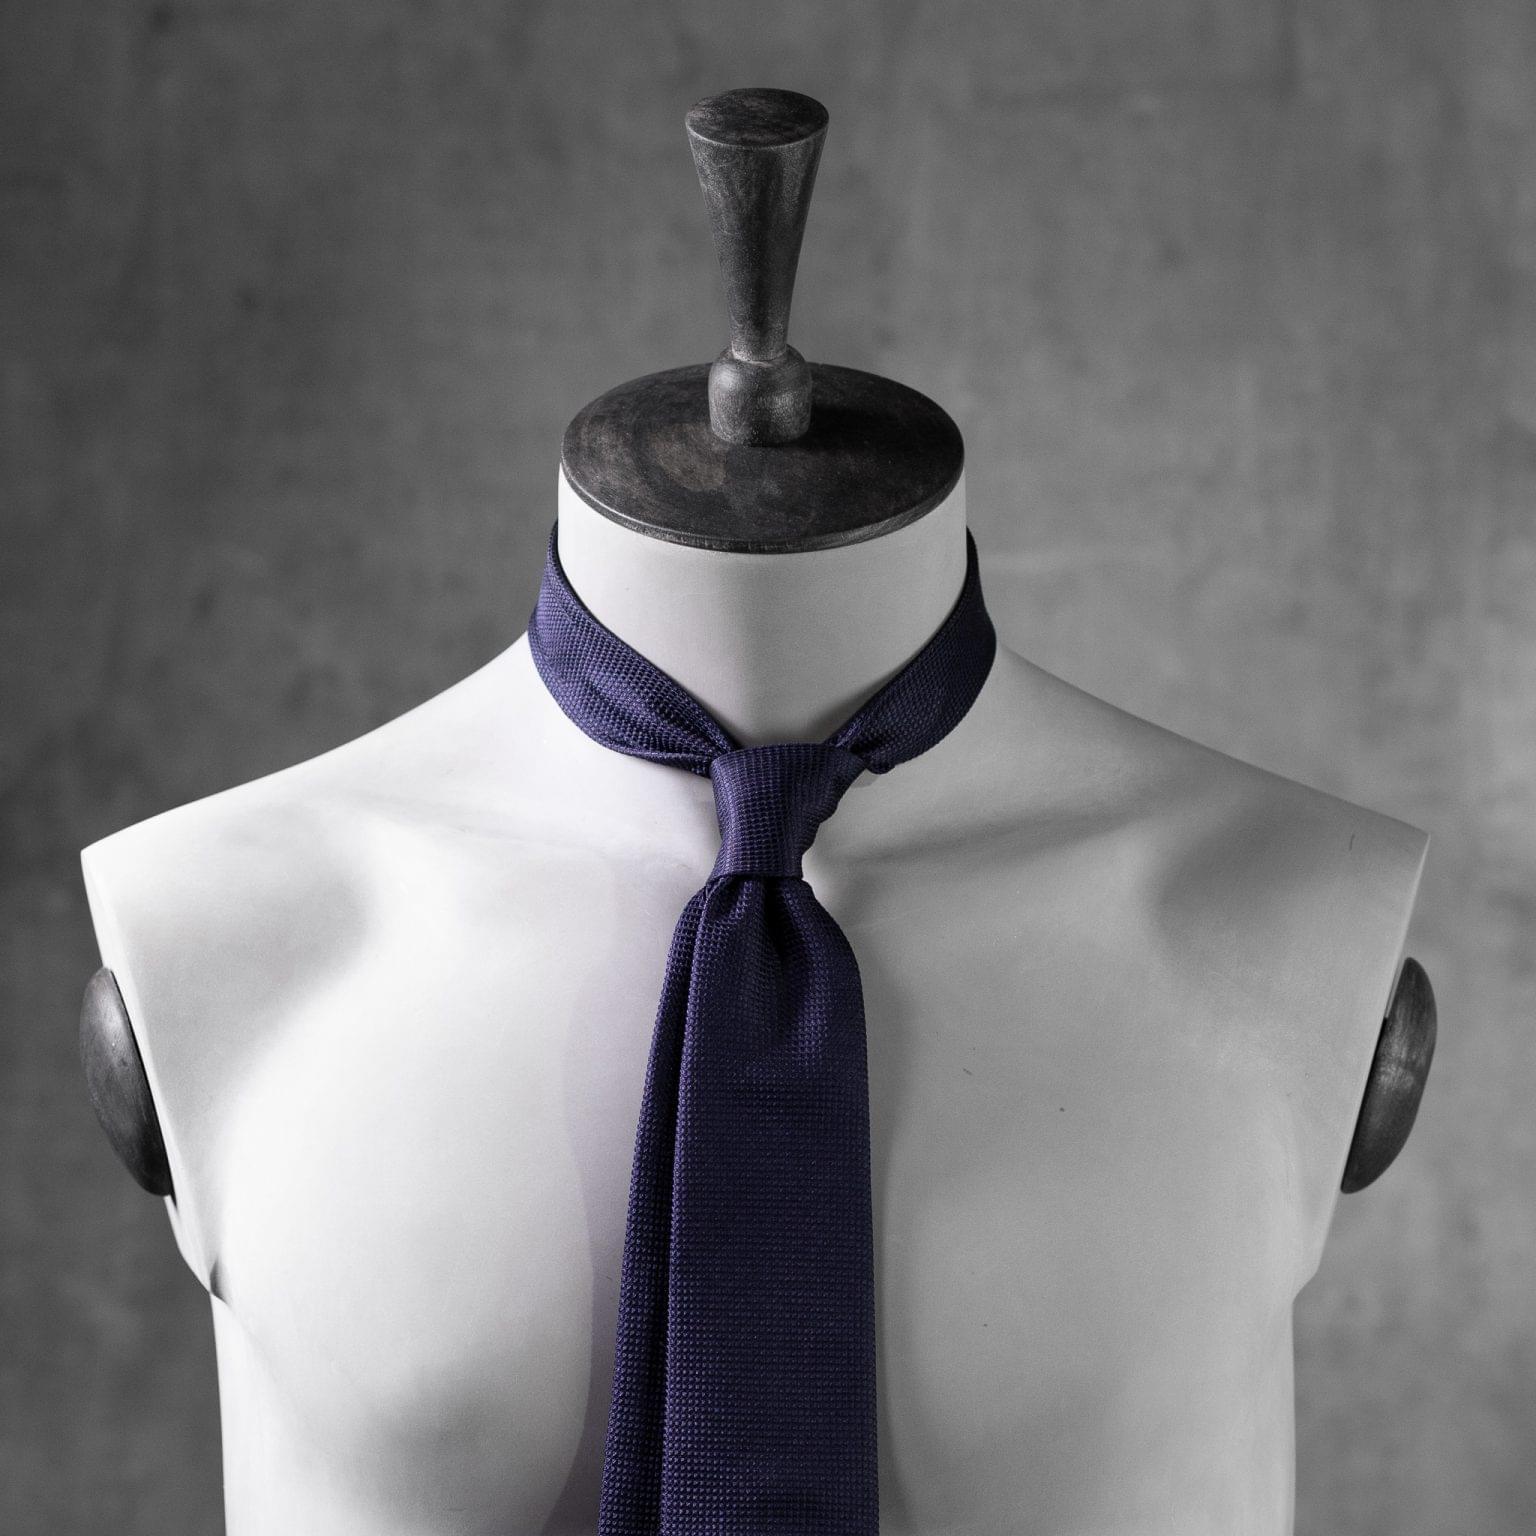 JACQUARD-0073-Tie-Initials-Corbata-Iniciales-The-Seelk-3